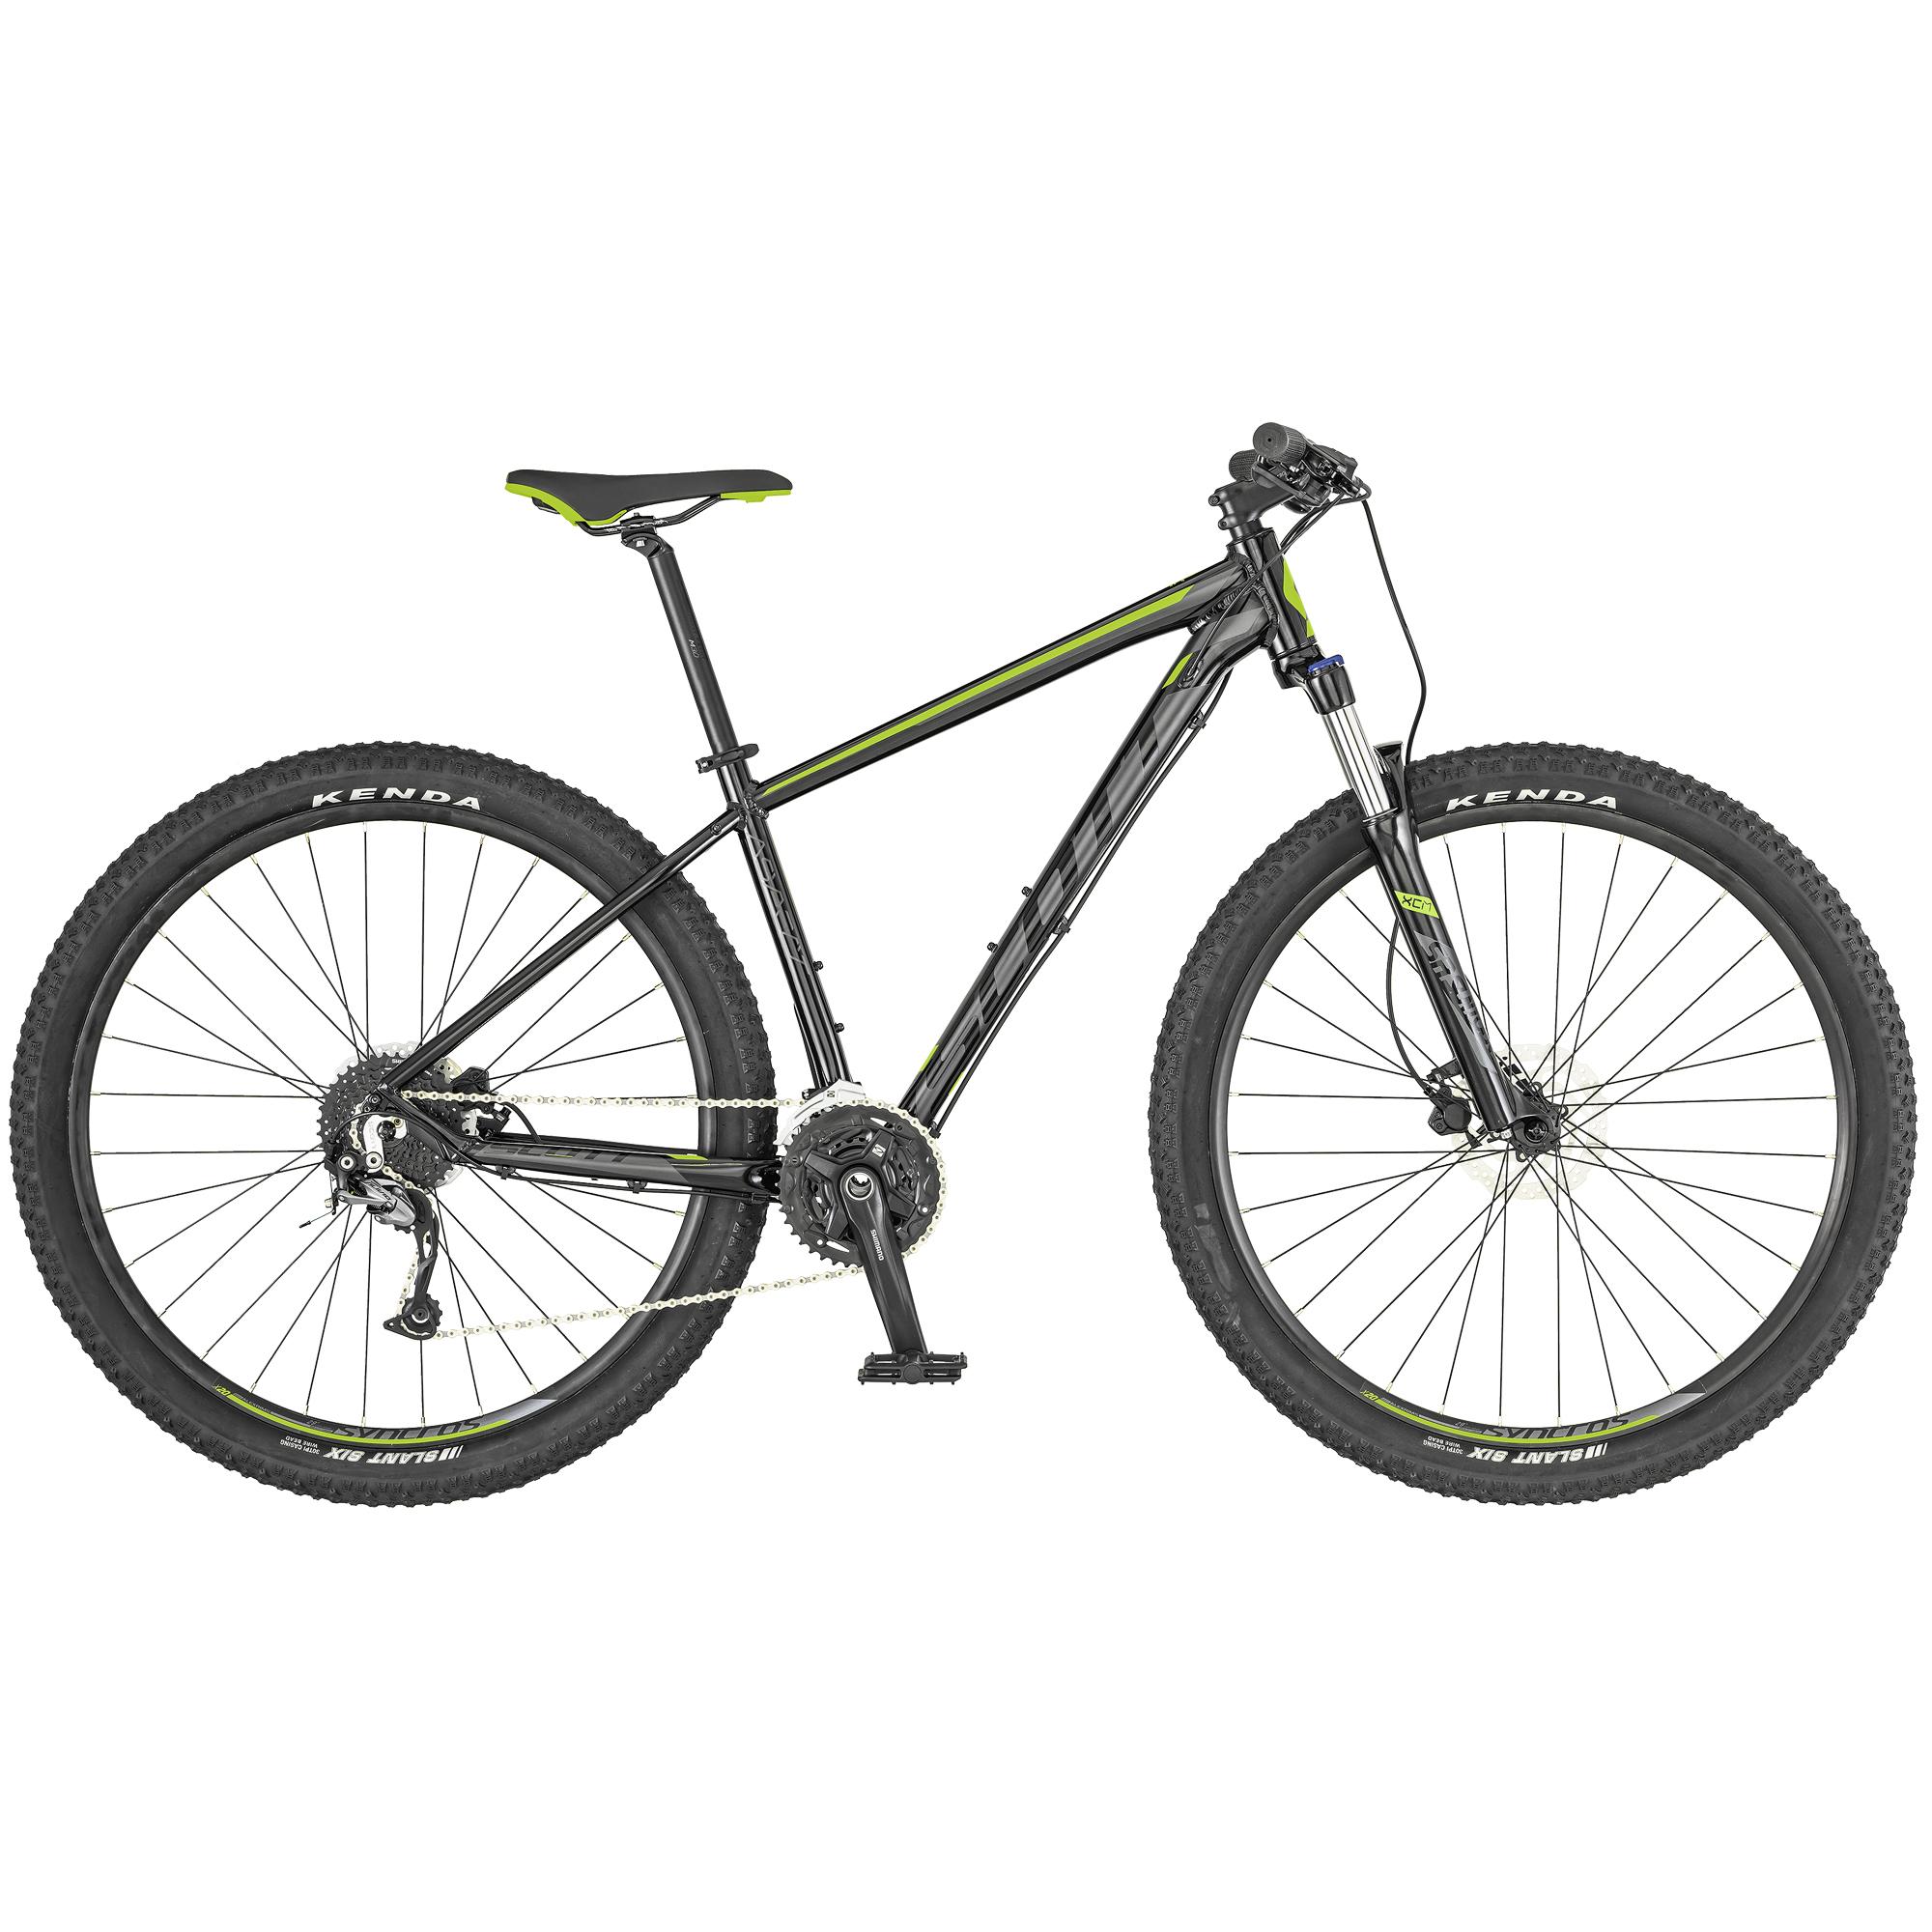 دوچرخه کوهستان اسکات مدل ASPECT 740-2019  سایز 27.5